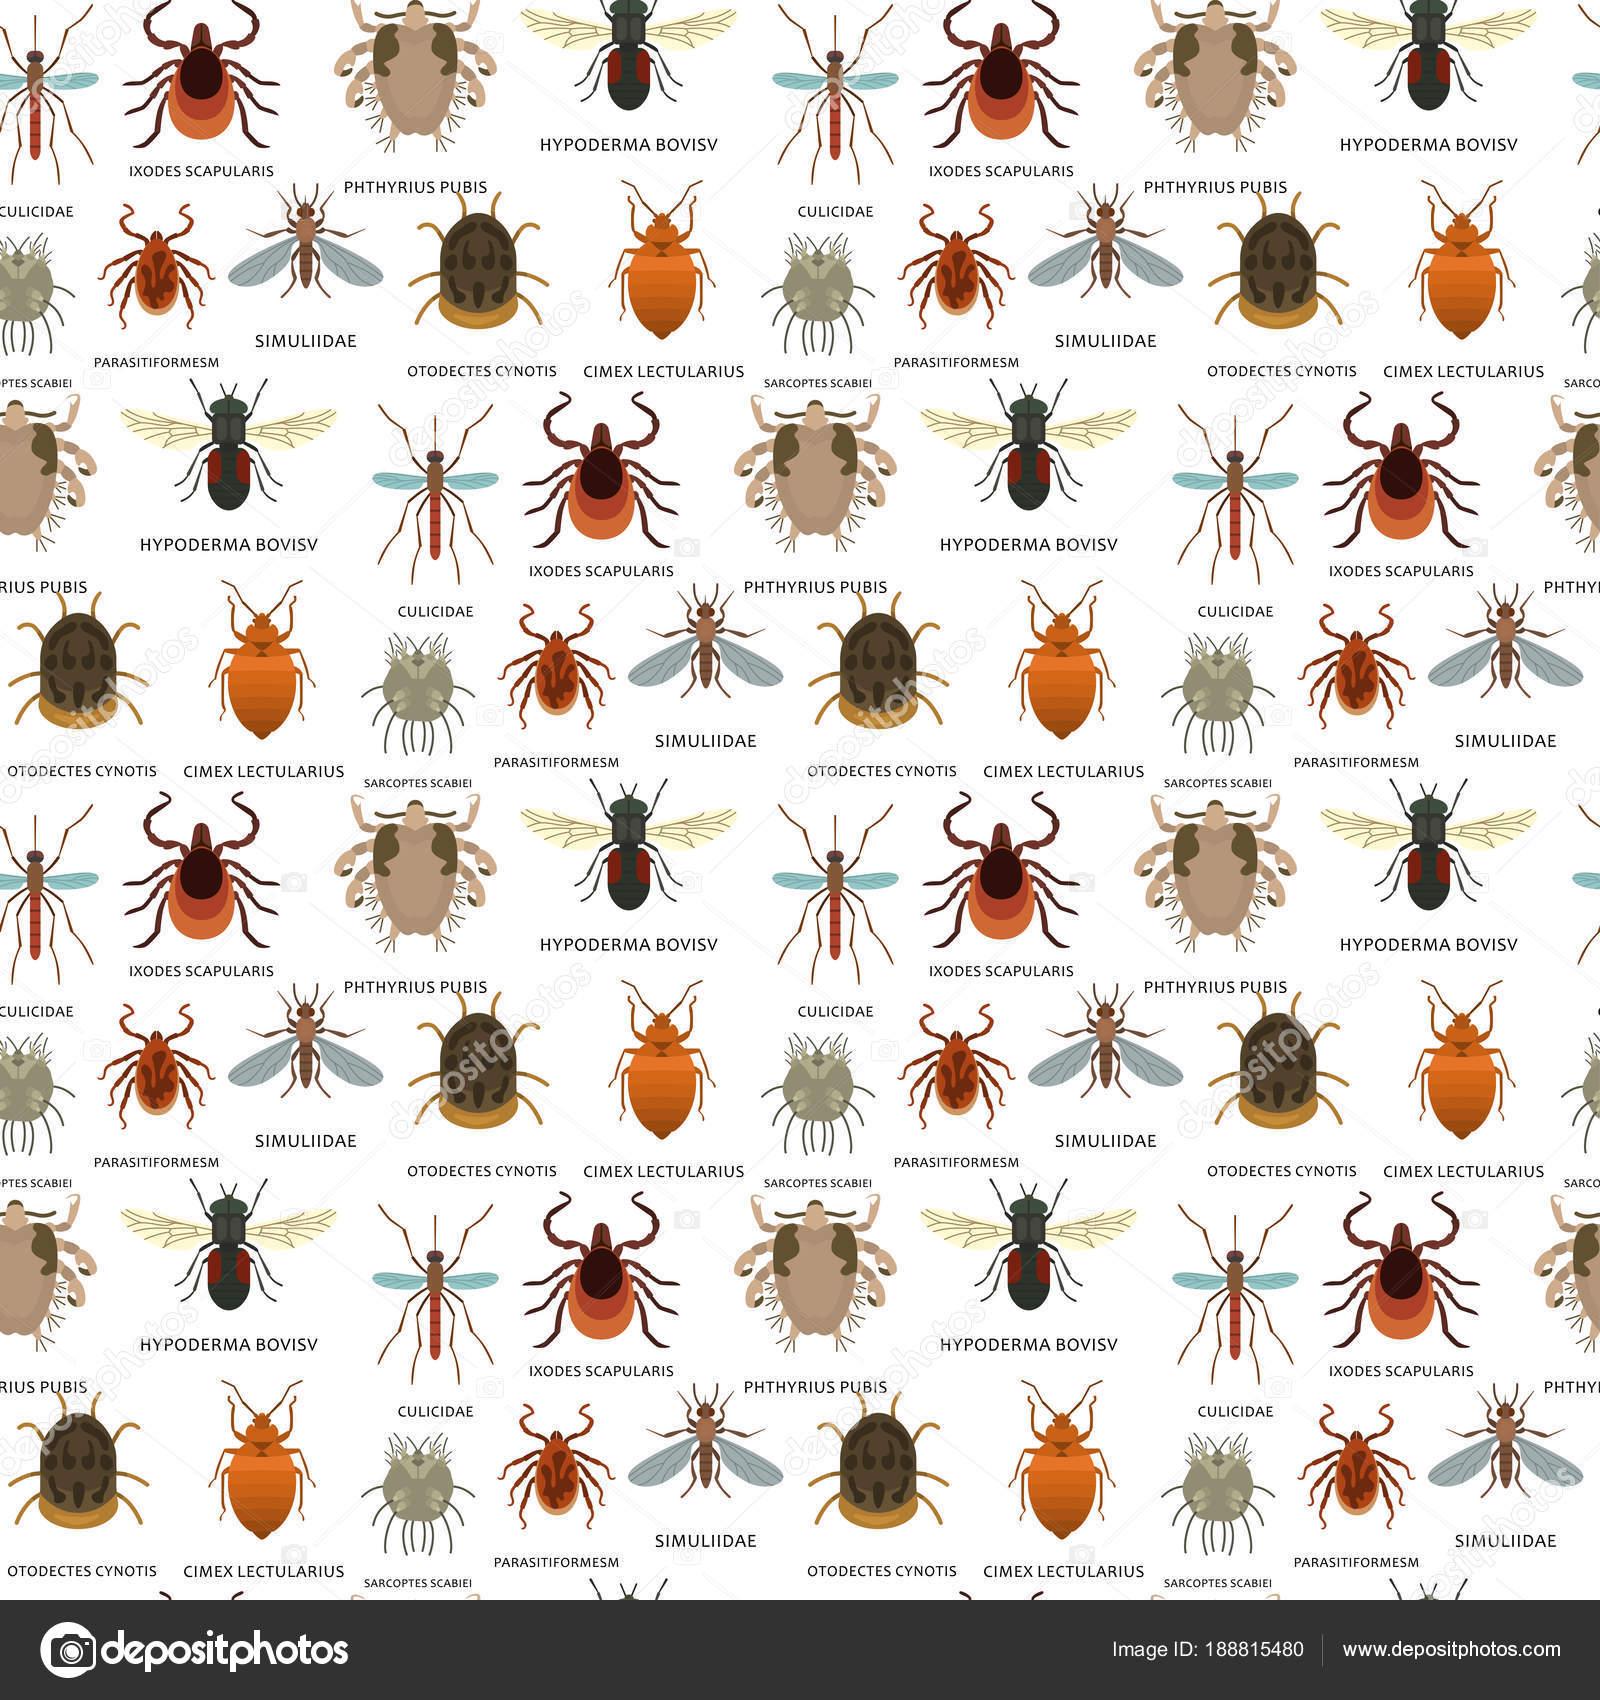 állati paraziták az ökoszisztémákban